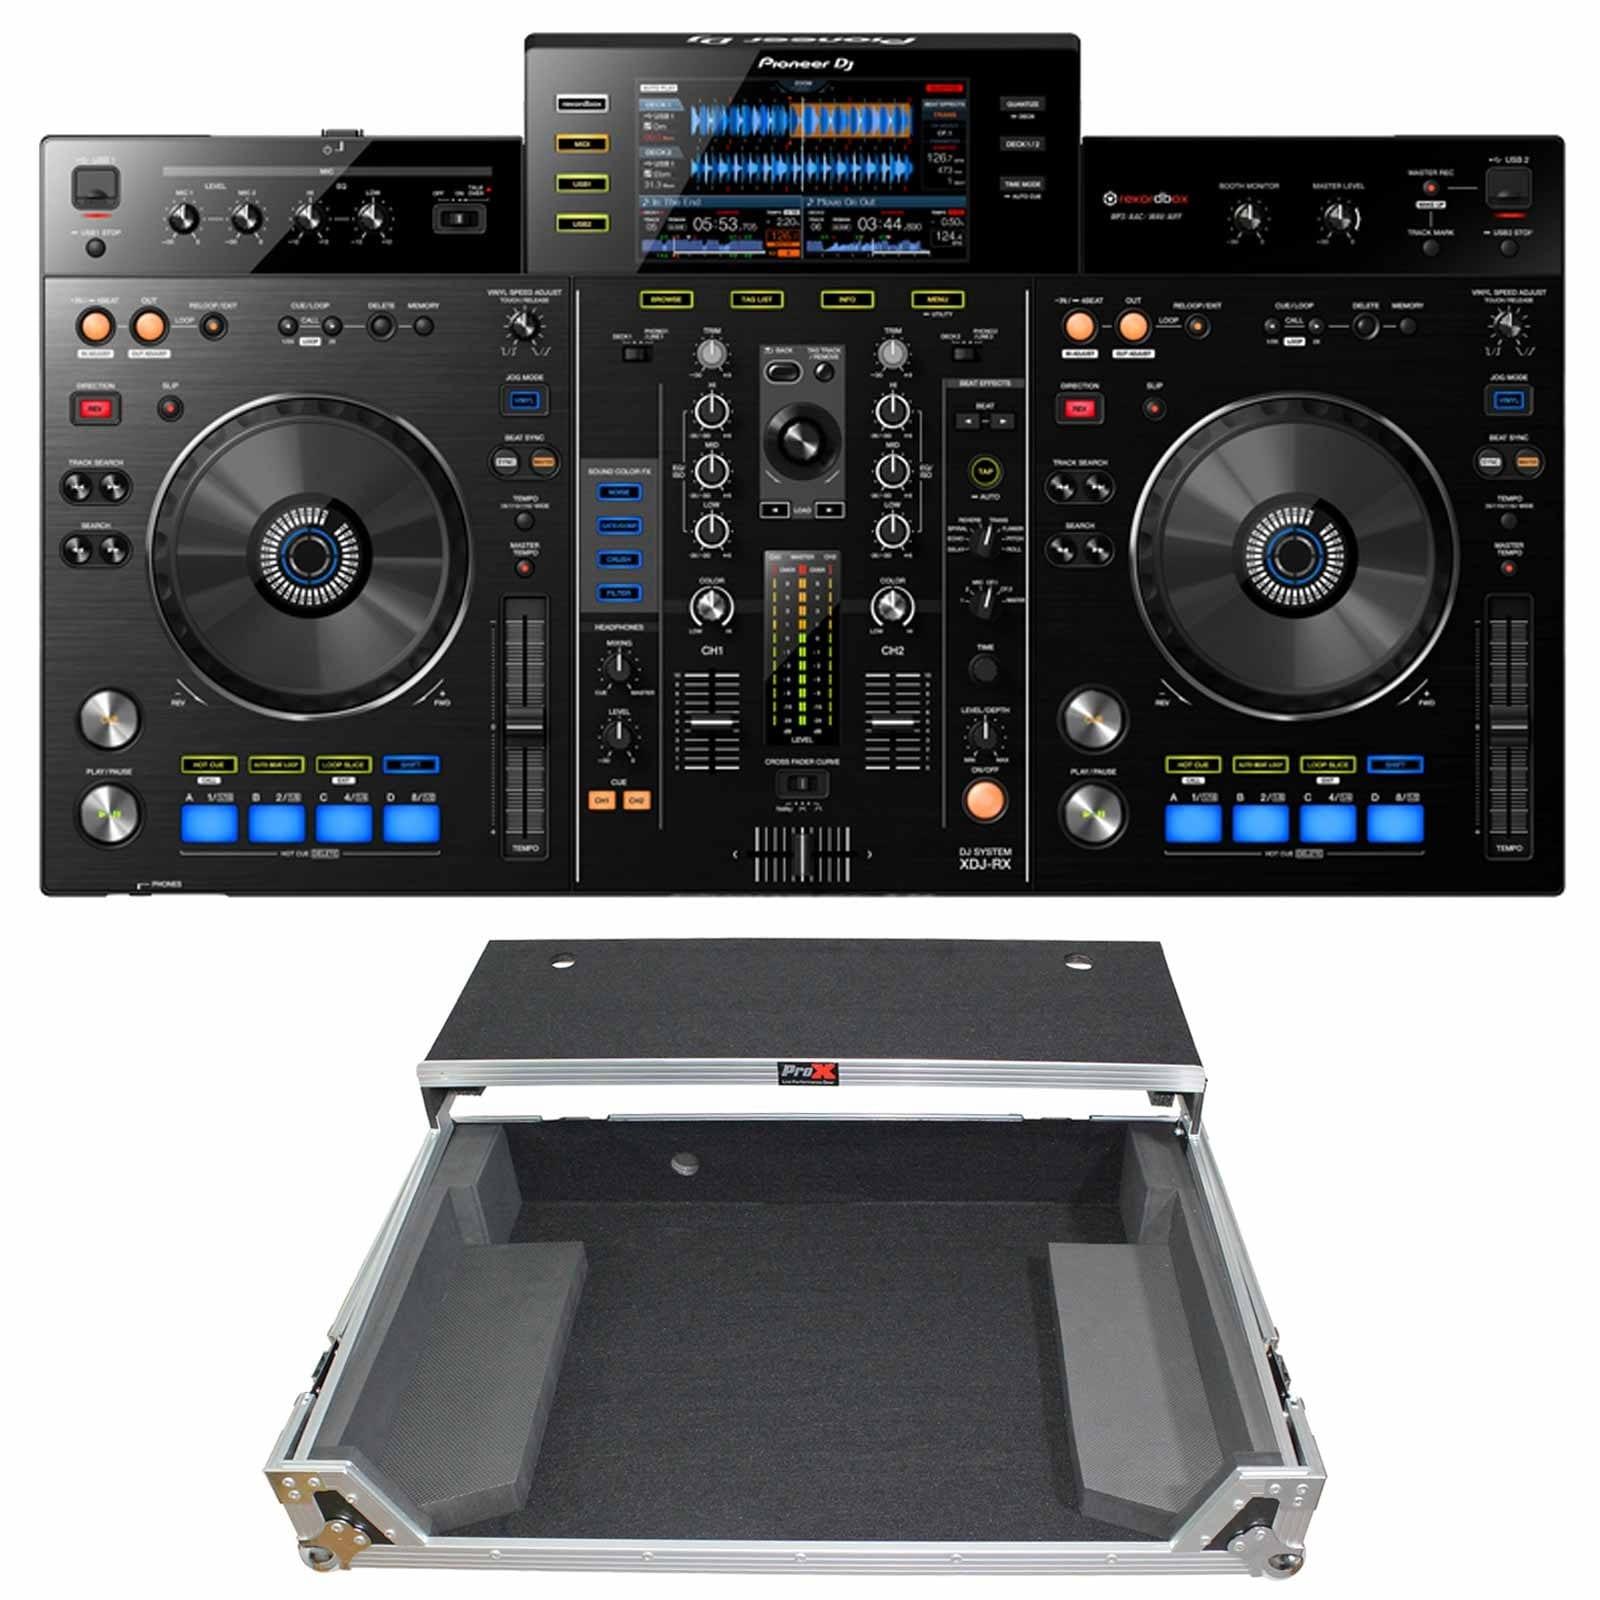 pioneer-dj-xdj-rx-rekordbox-dj-system-ata-case-package-c06.jpg